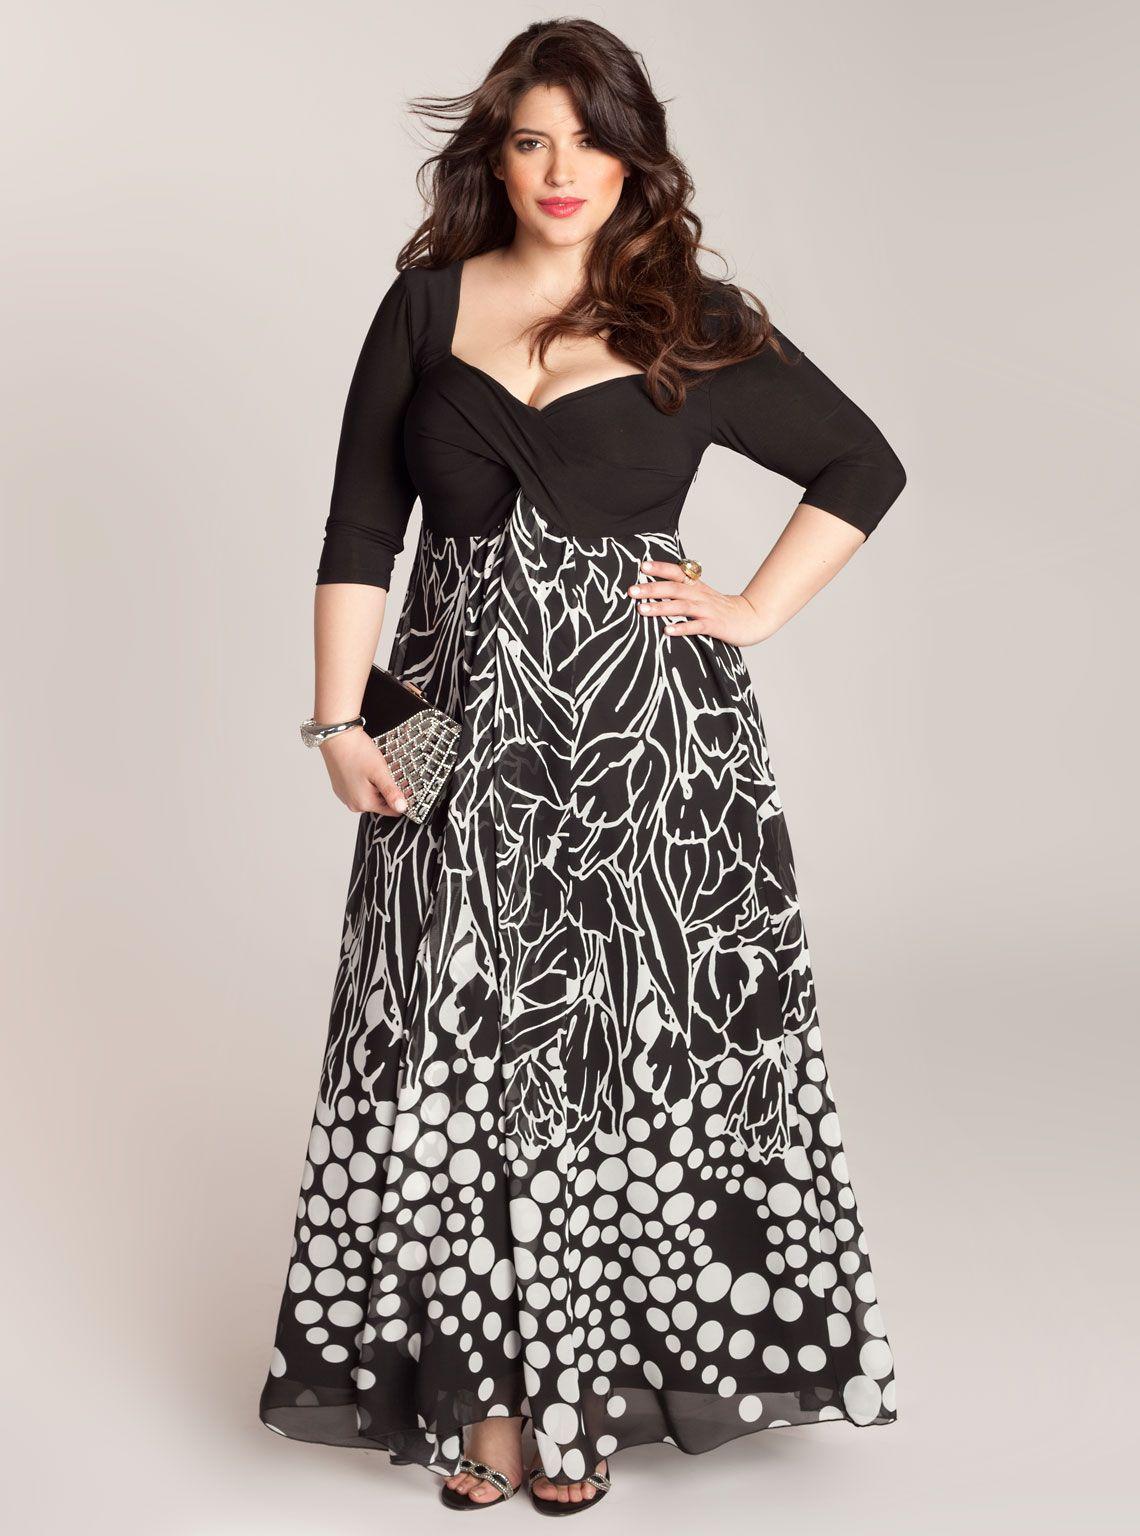 754eda9ad As opções de vestidos de festas para gordinhas são cada vez mais e ajudam a  mulher a valorizar o seu corpo, a mostrar os pontos fortes e a disfarçar as  peq